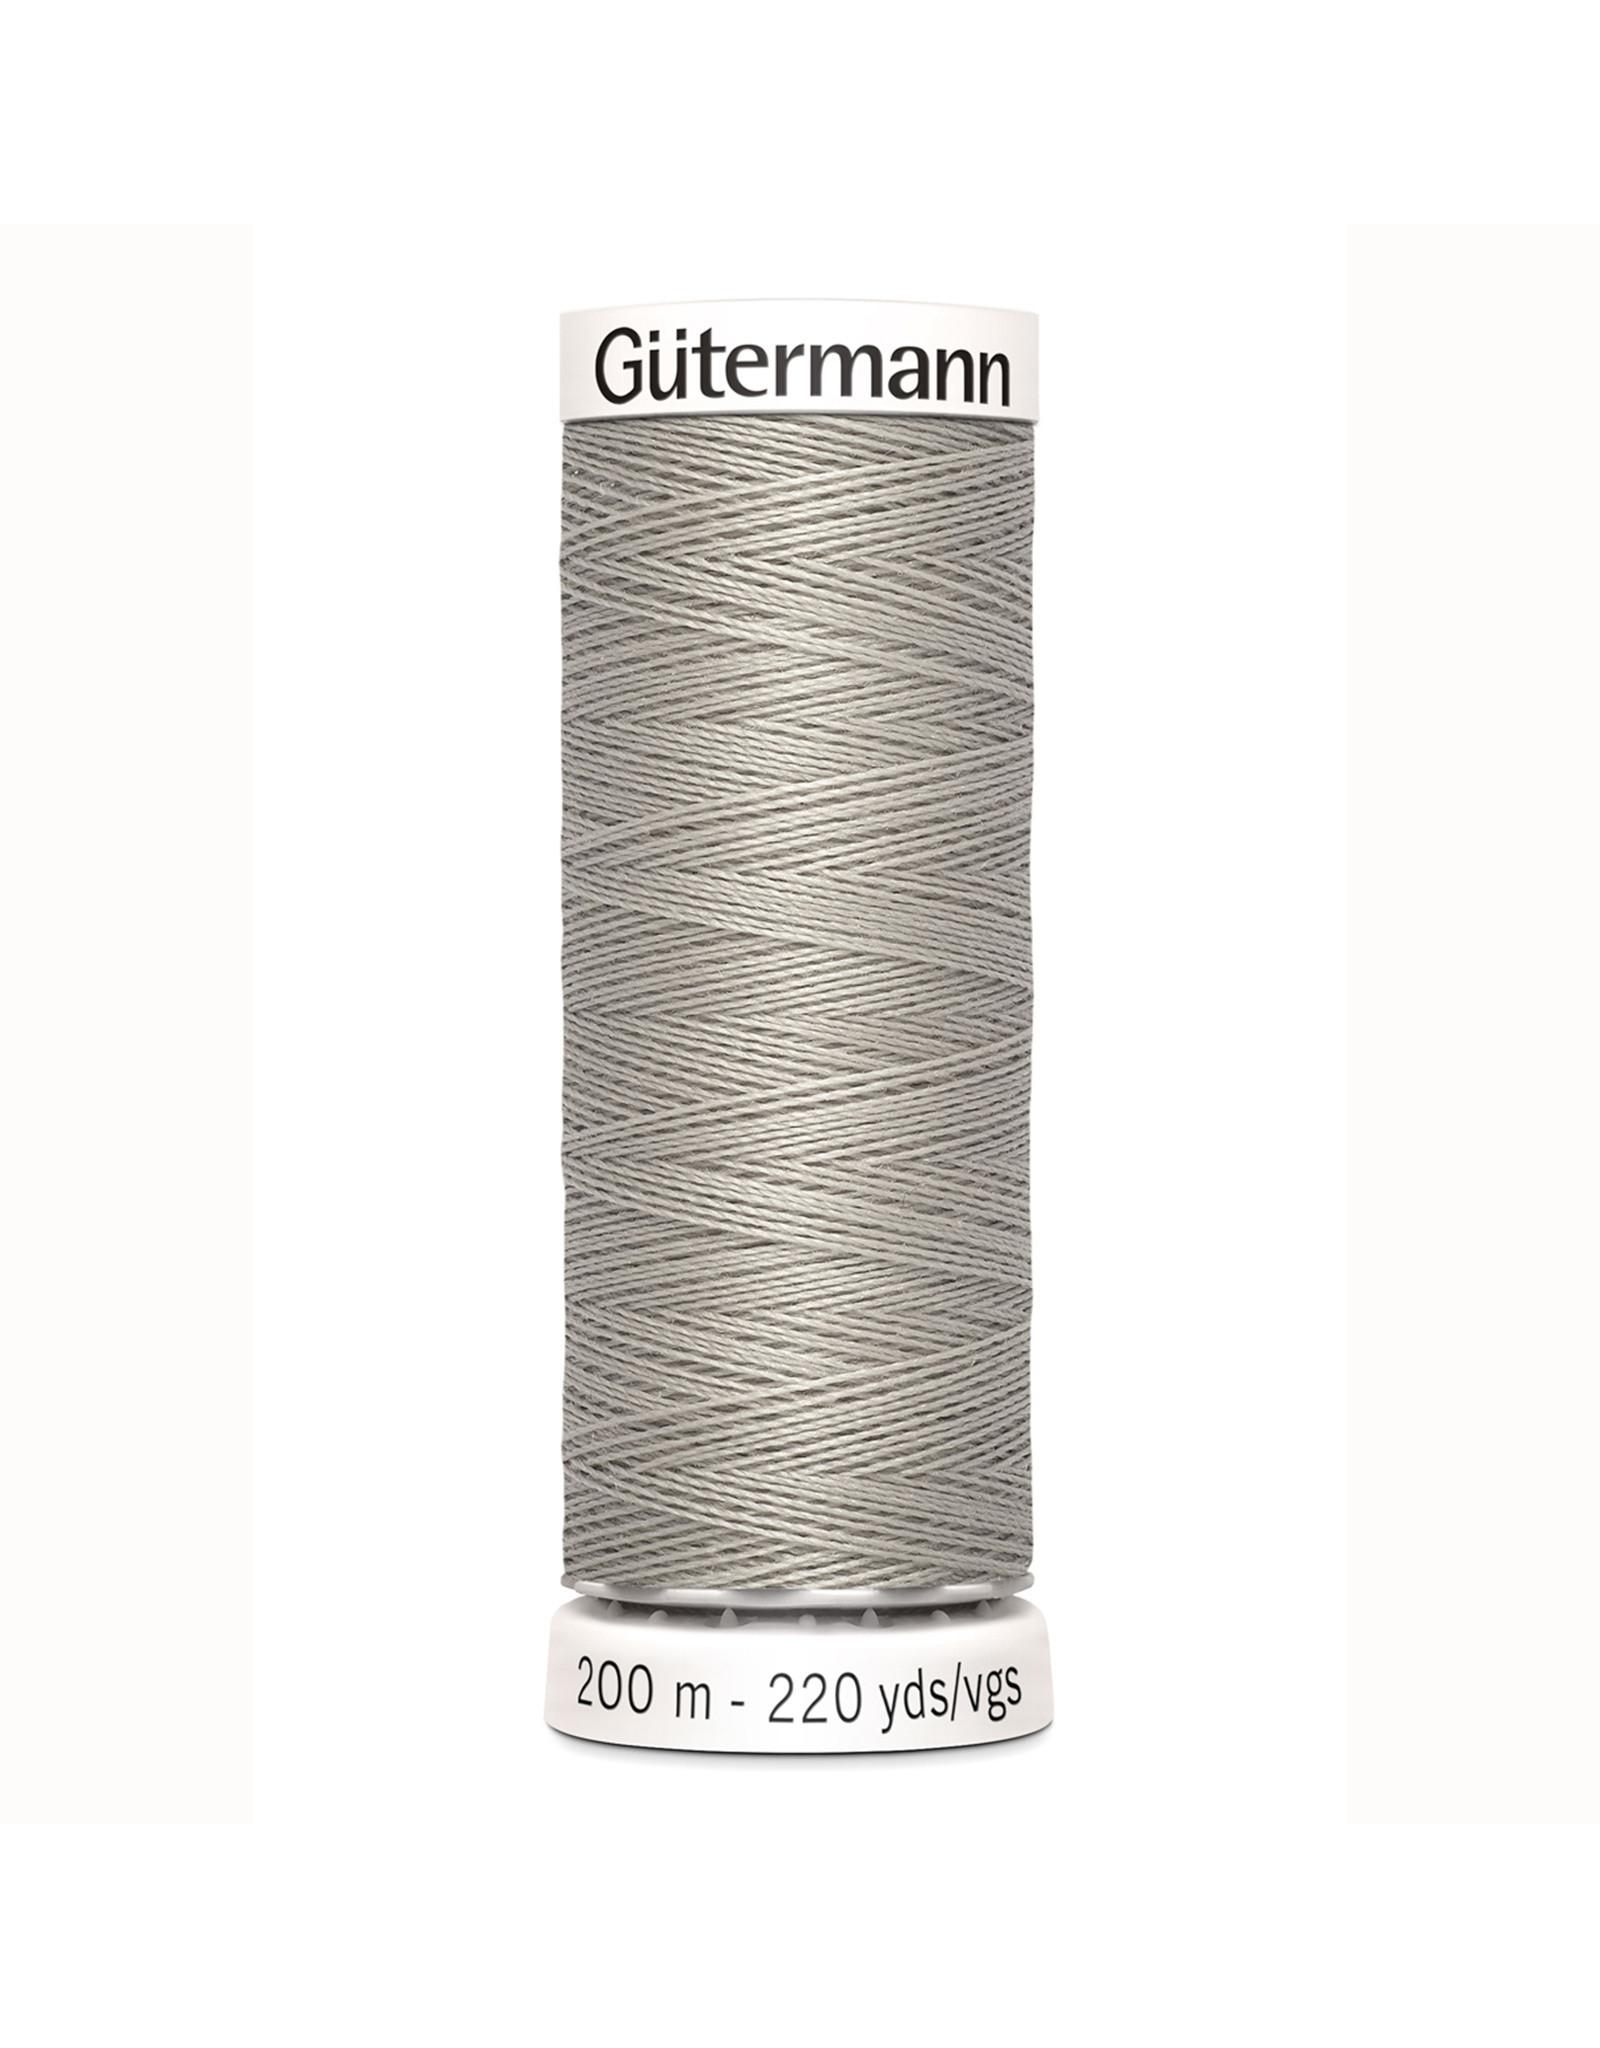 Gütermann Gütermann Nähgarn 200 m - nr 118